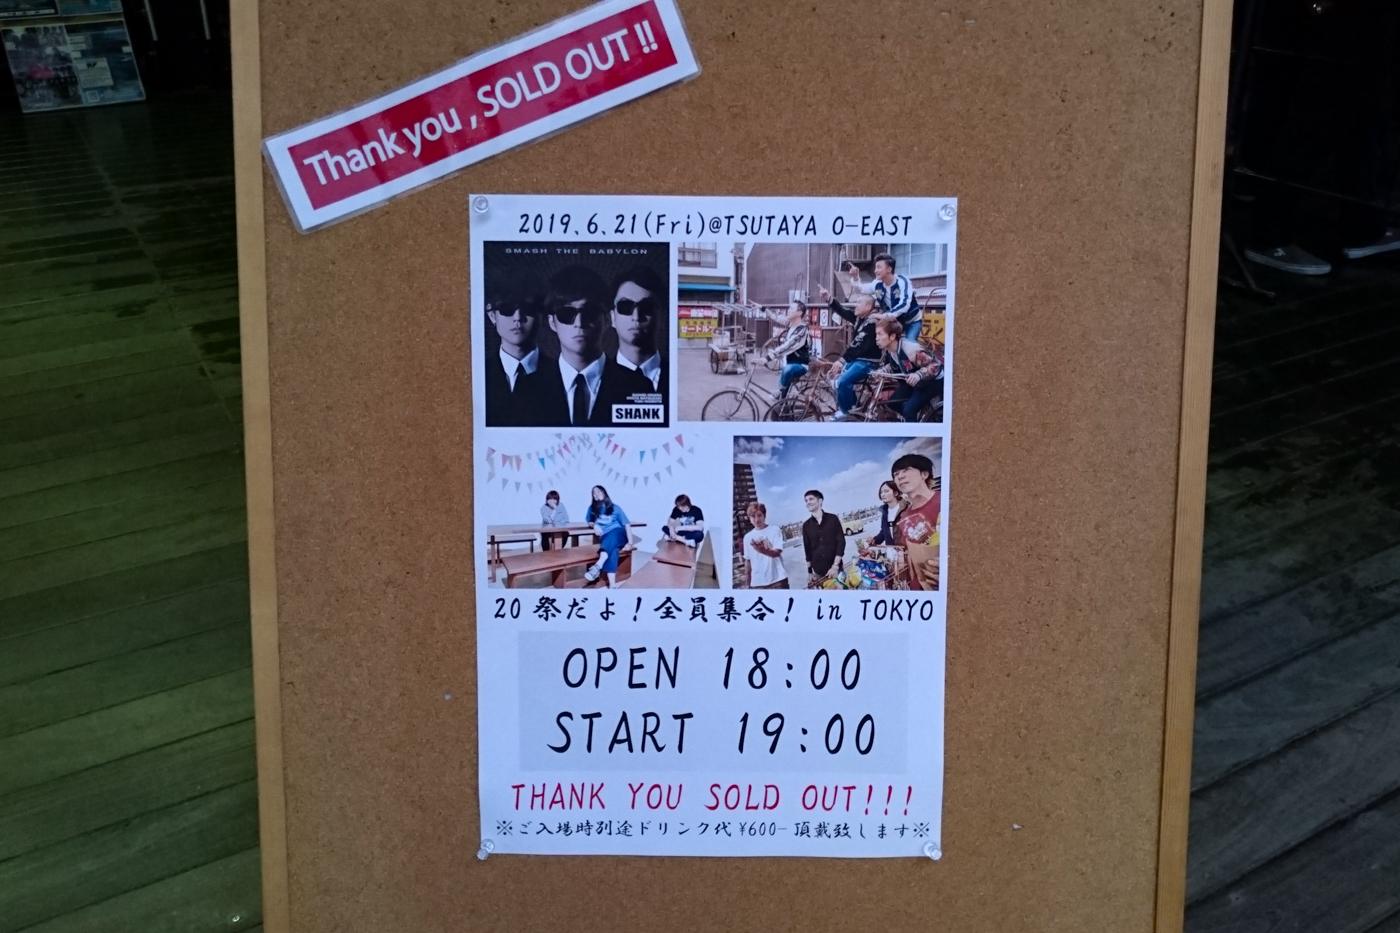 ジャパハリネット「20祭だよ!全員集合 in TOKYO」@TSUTAYA O-EAST